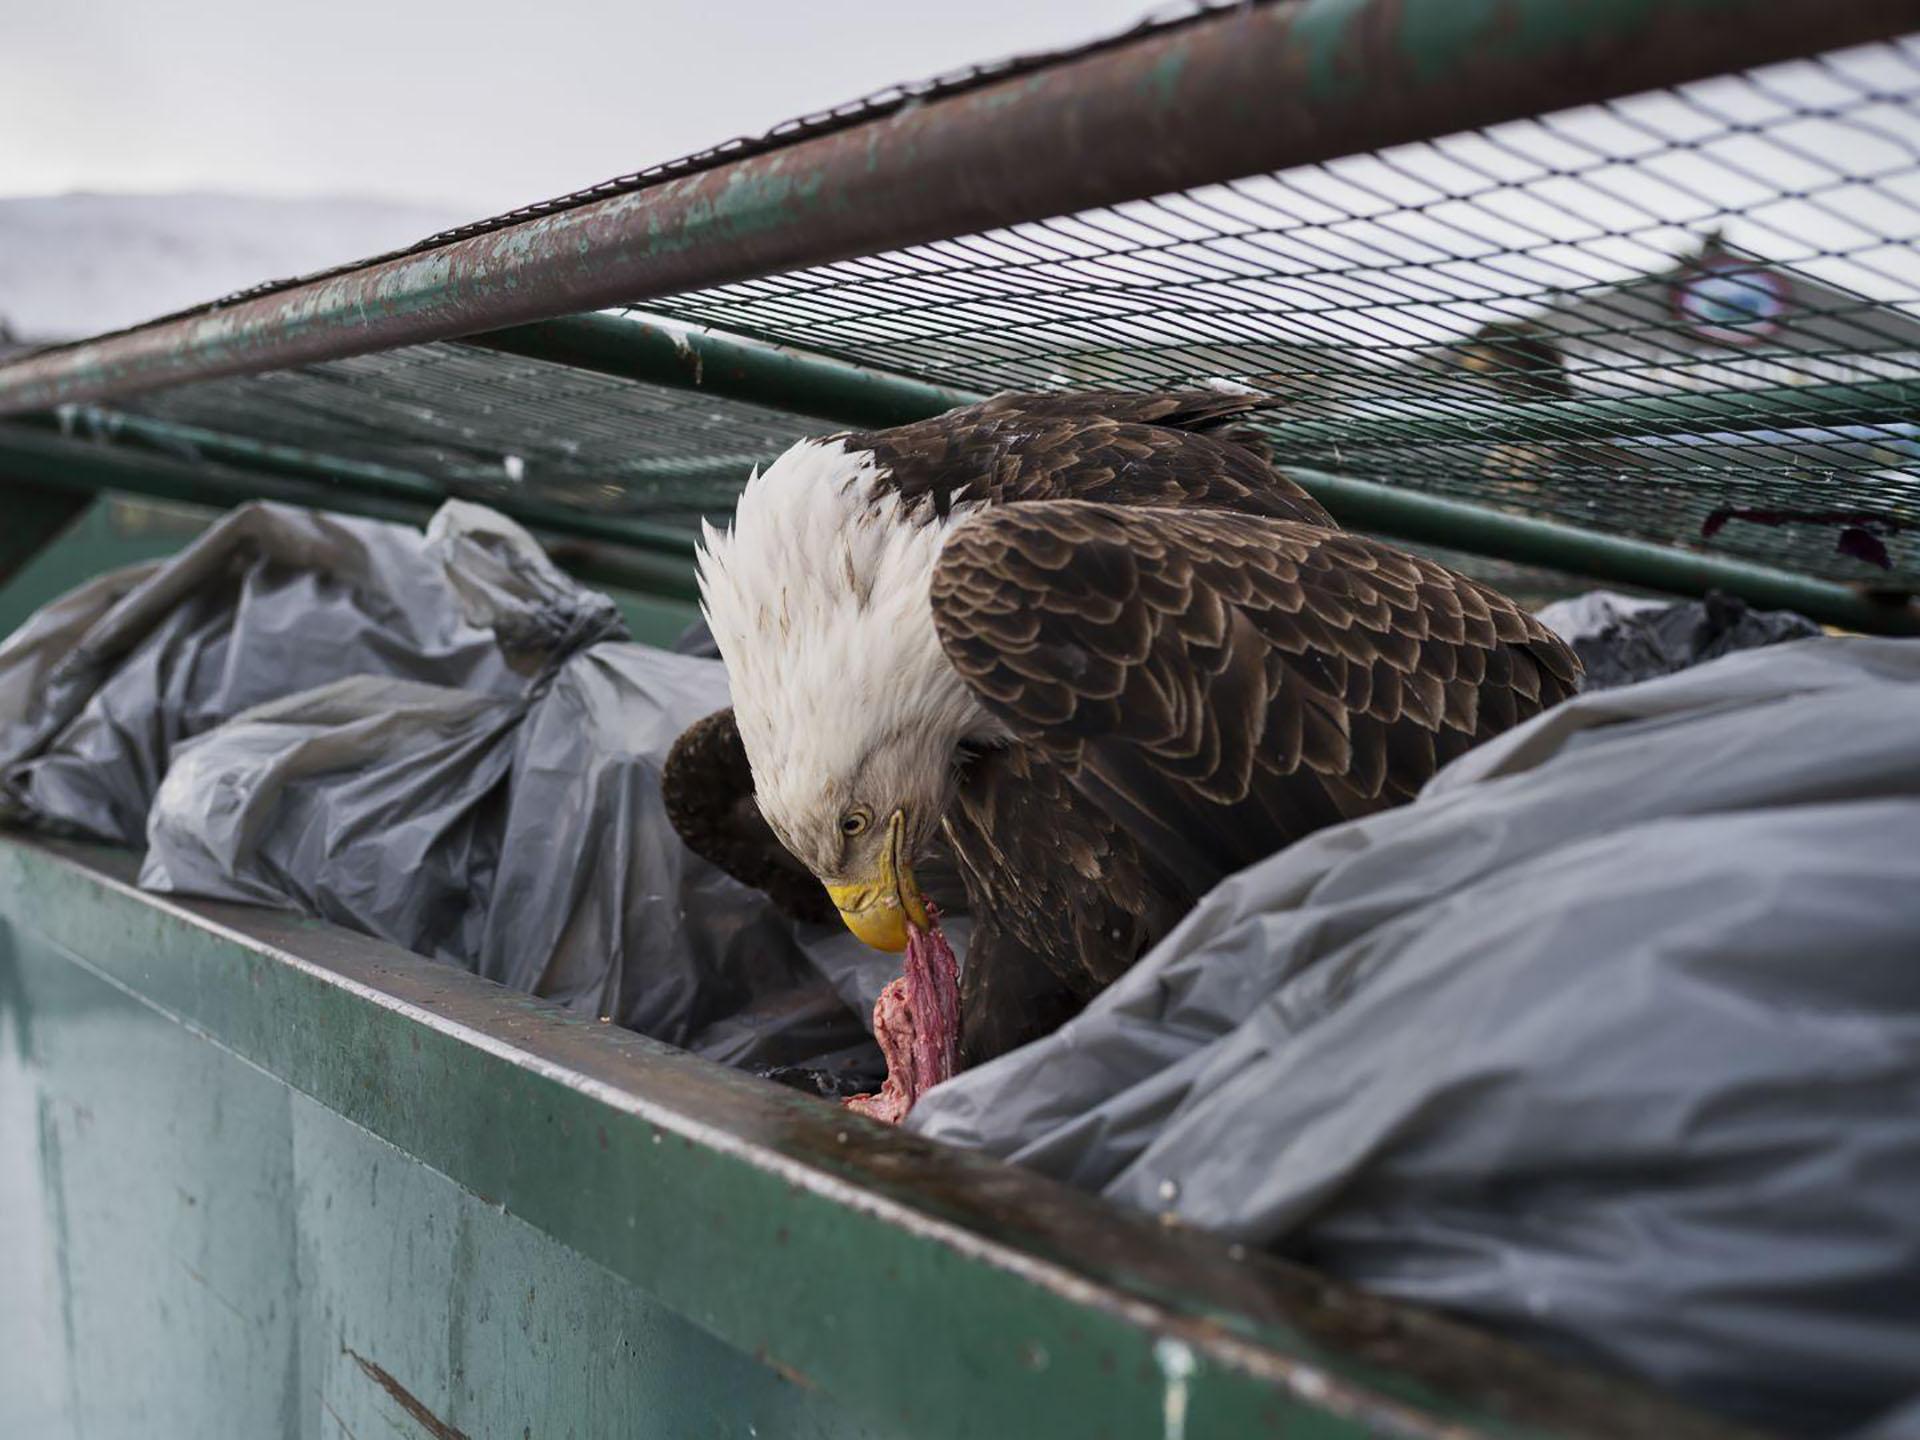 Dumpster Diver – Clavadista del contenedor de basura: un águila calva disfruta de los restos de carne en los contenedores de basura de un supermercado en Dutch Harbor, Alaska, Estados Unidos. (Corey Arnold, Estados Unidos)